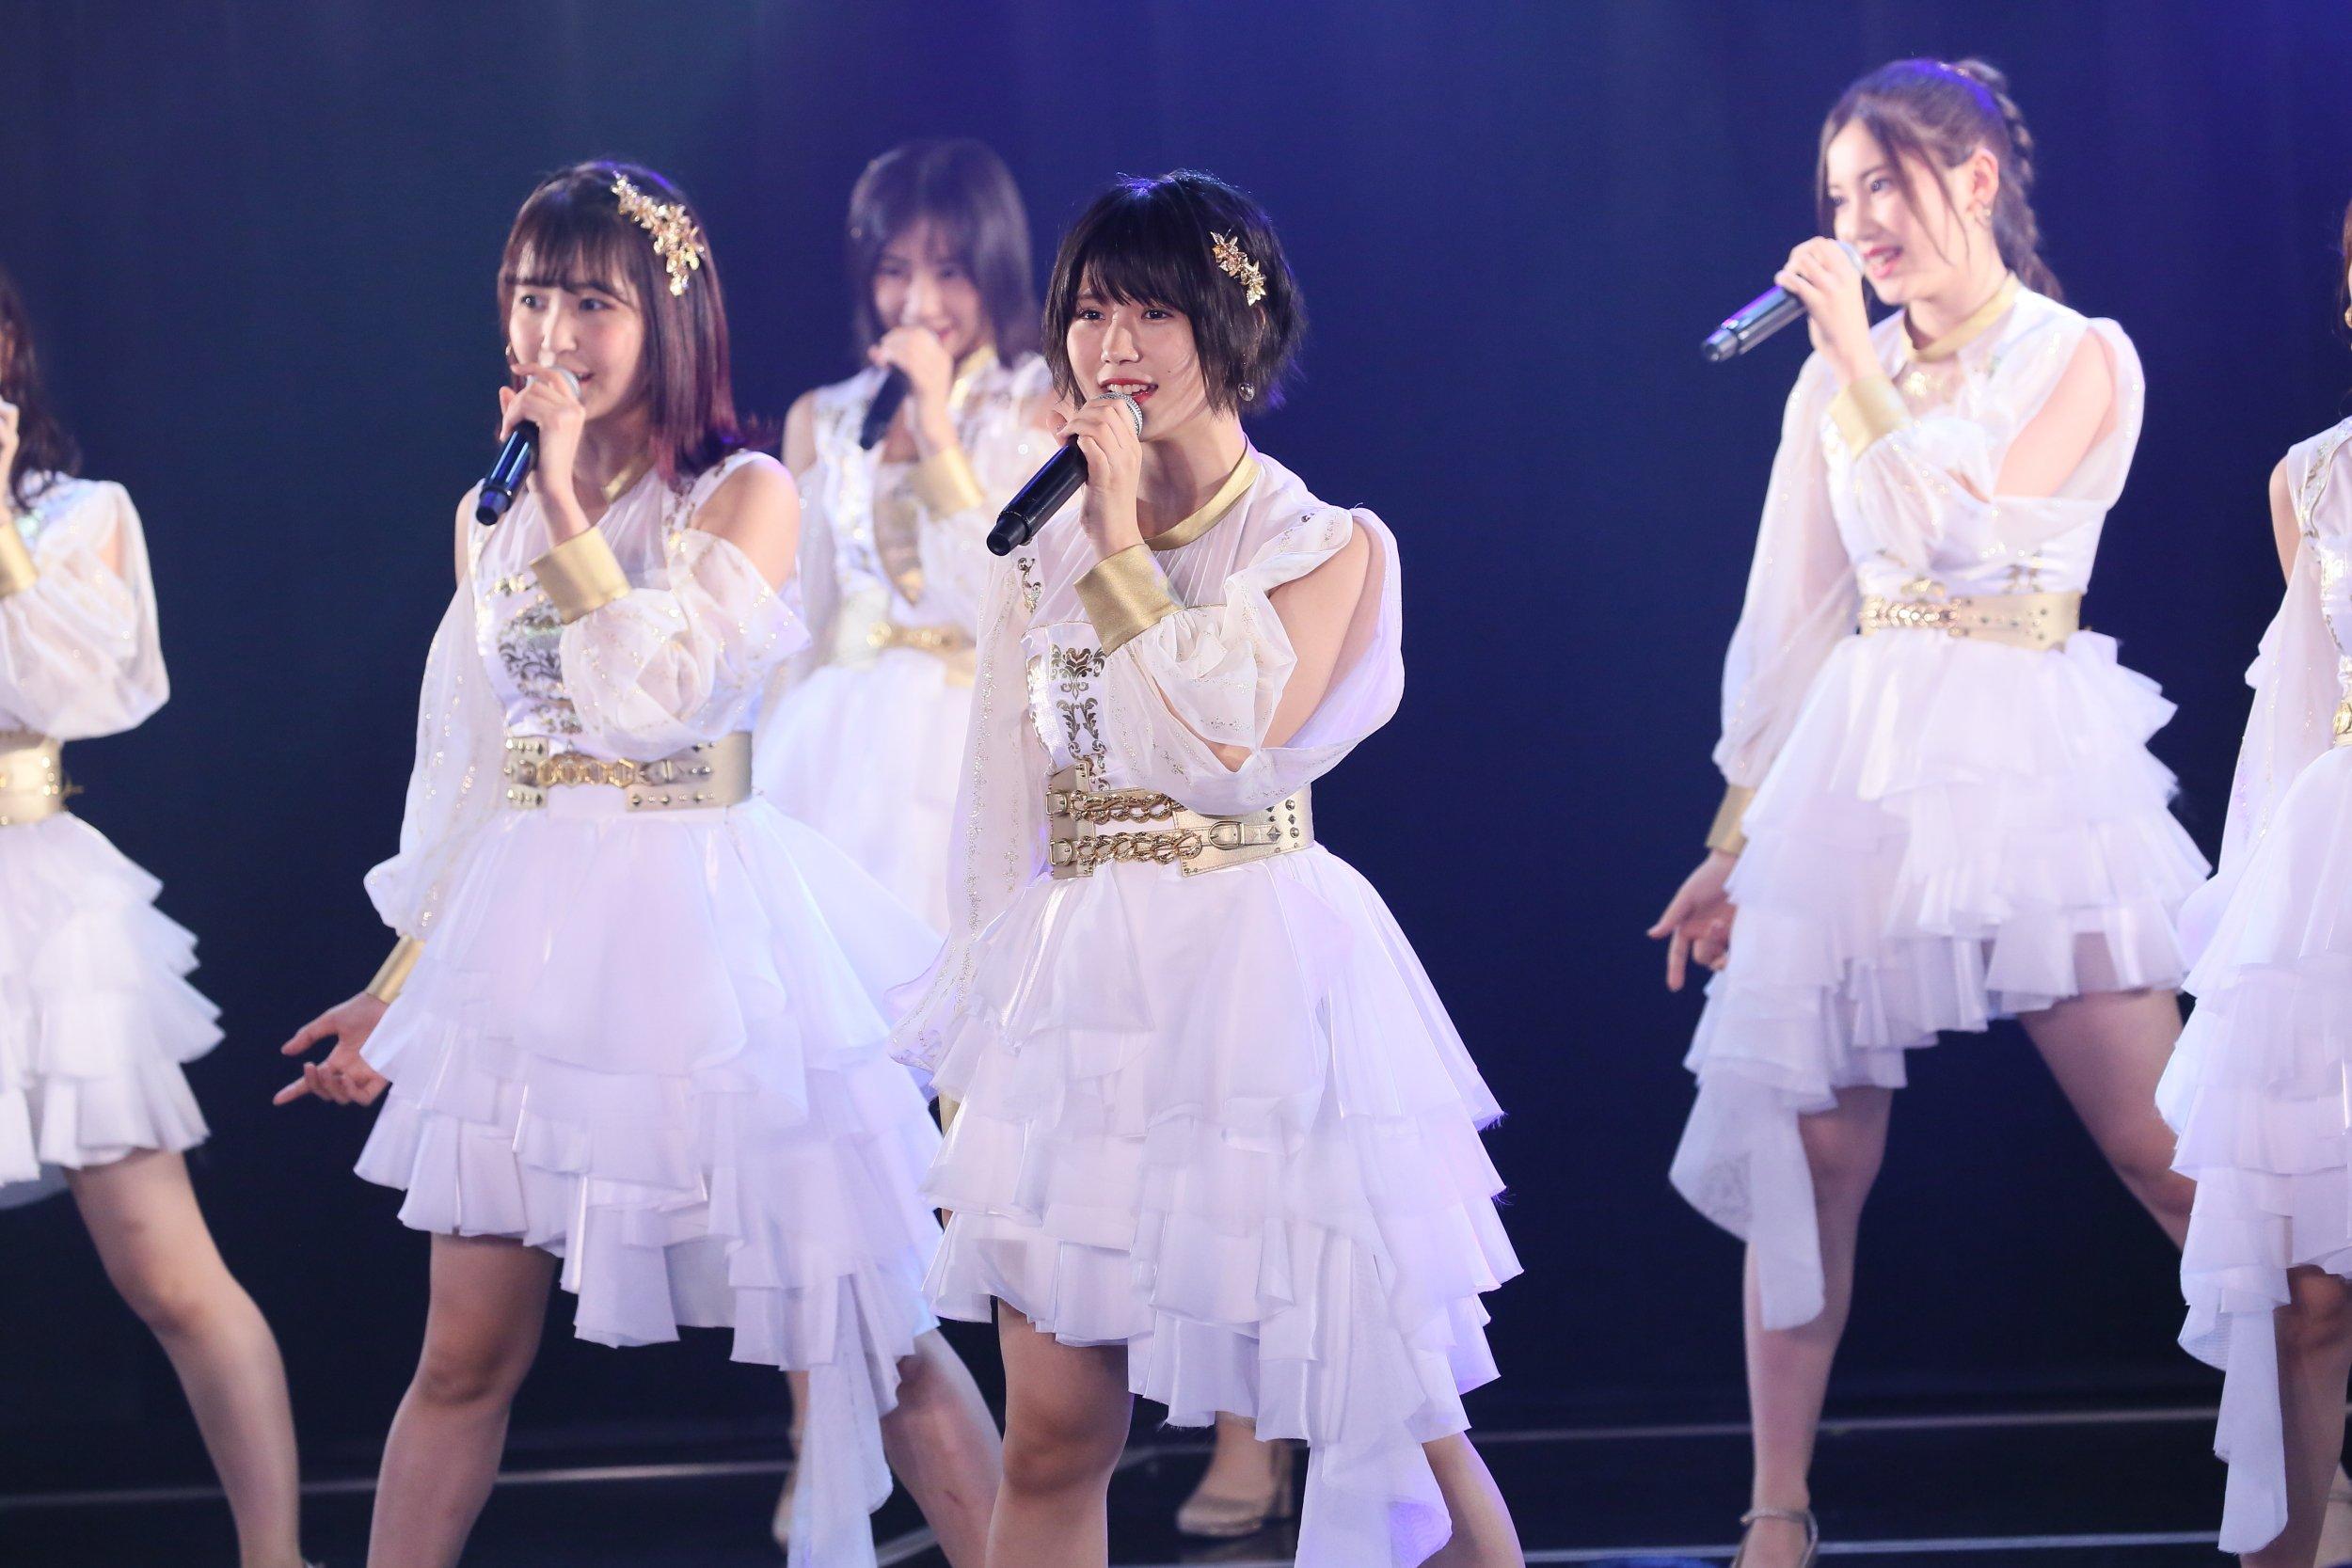 SKE48が、活動10周年!名古屋が祝賀ムードにあふれる【写真25枚】の画像003